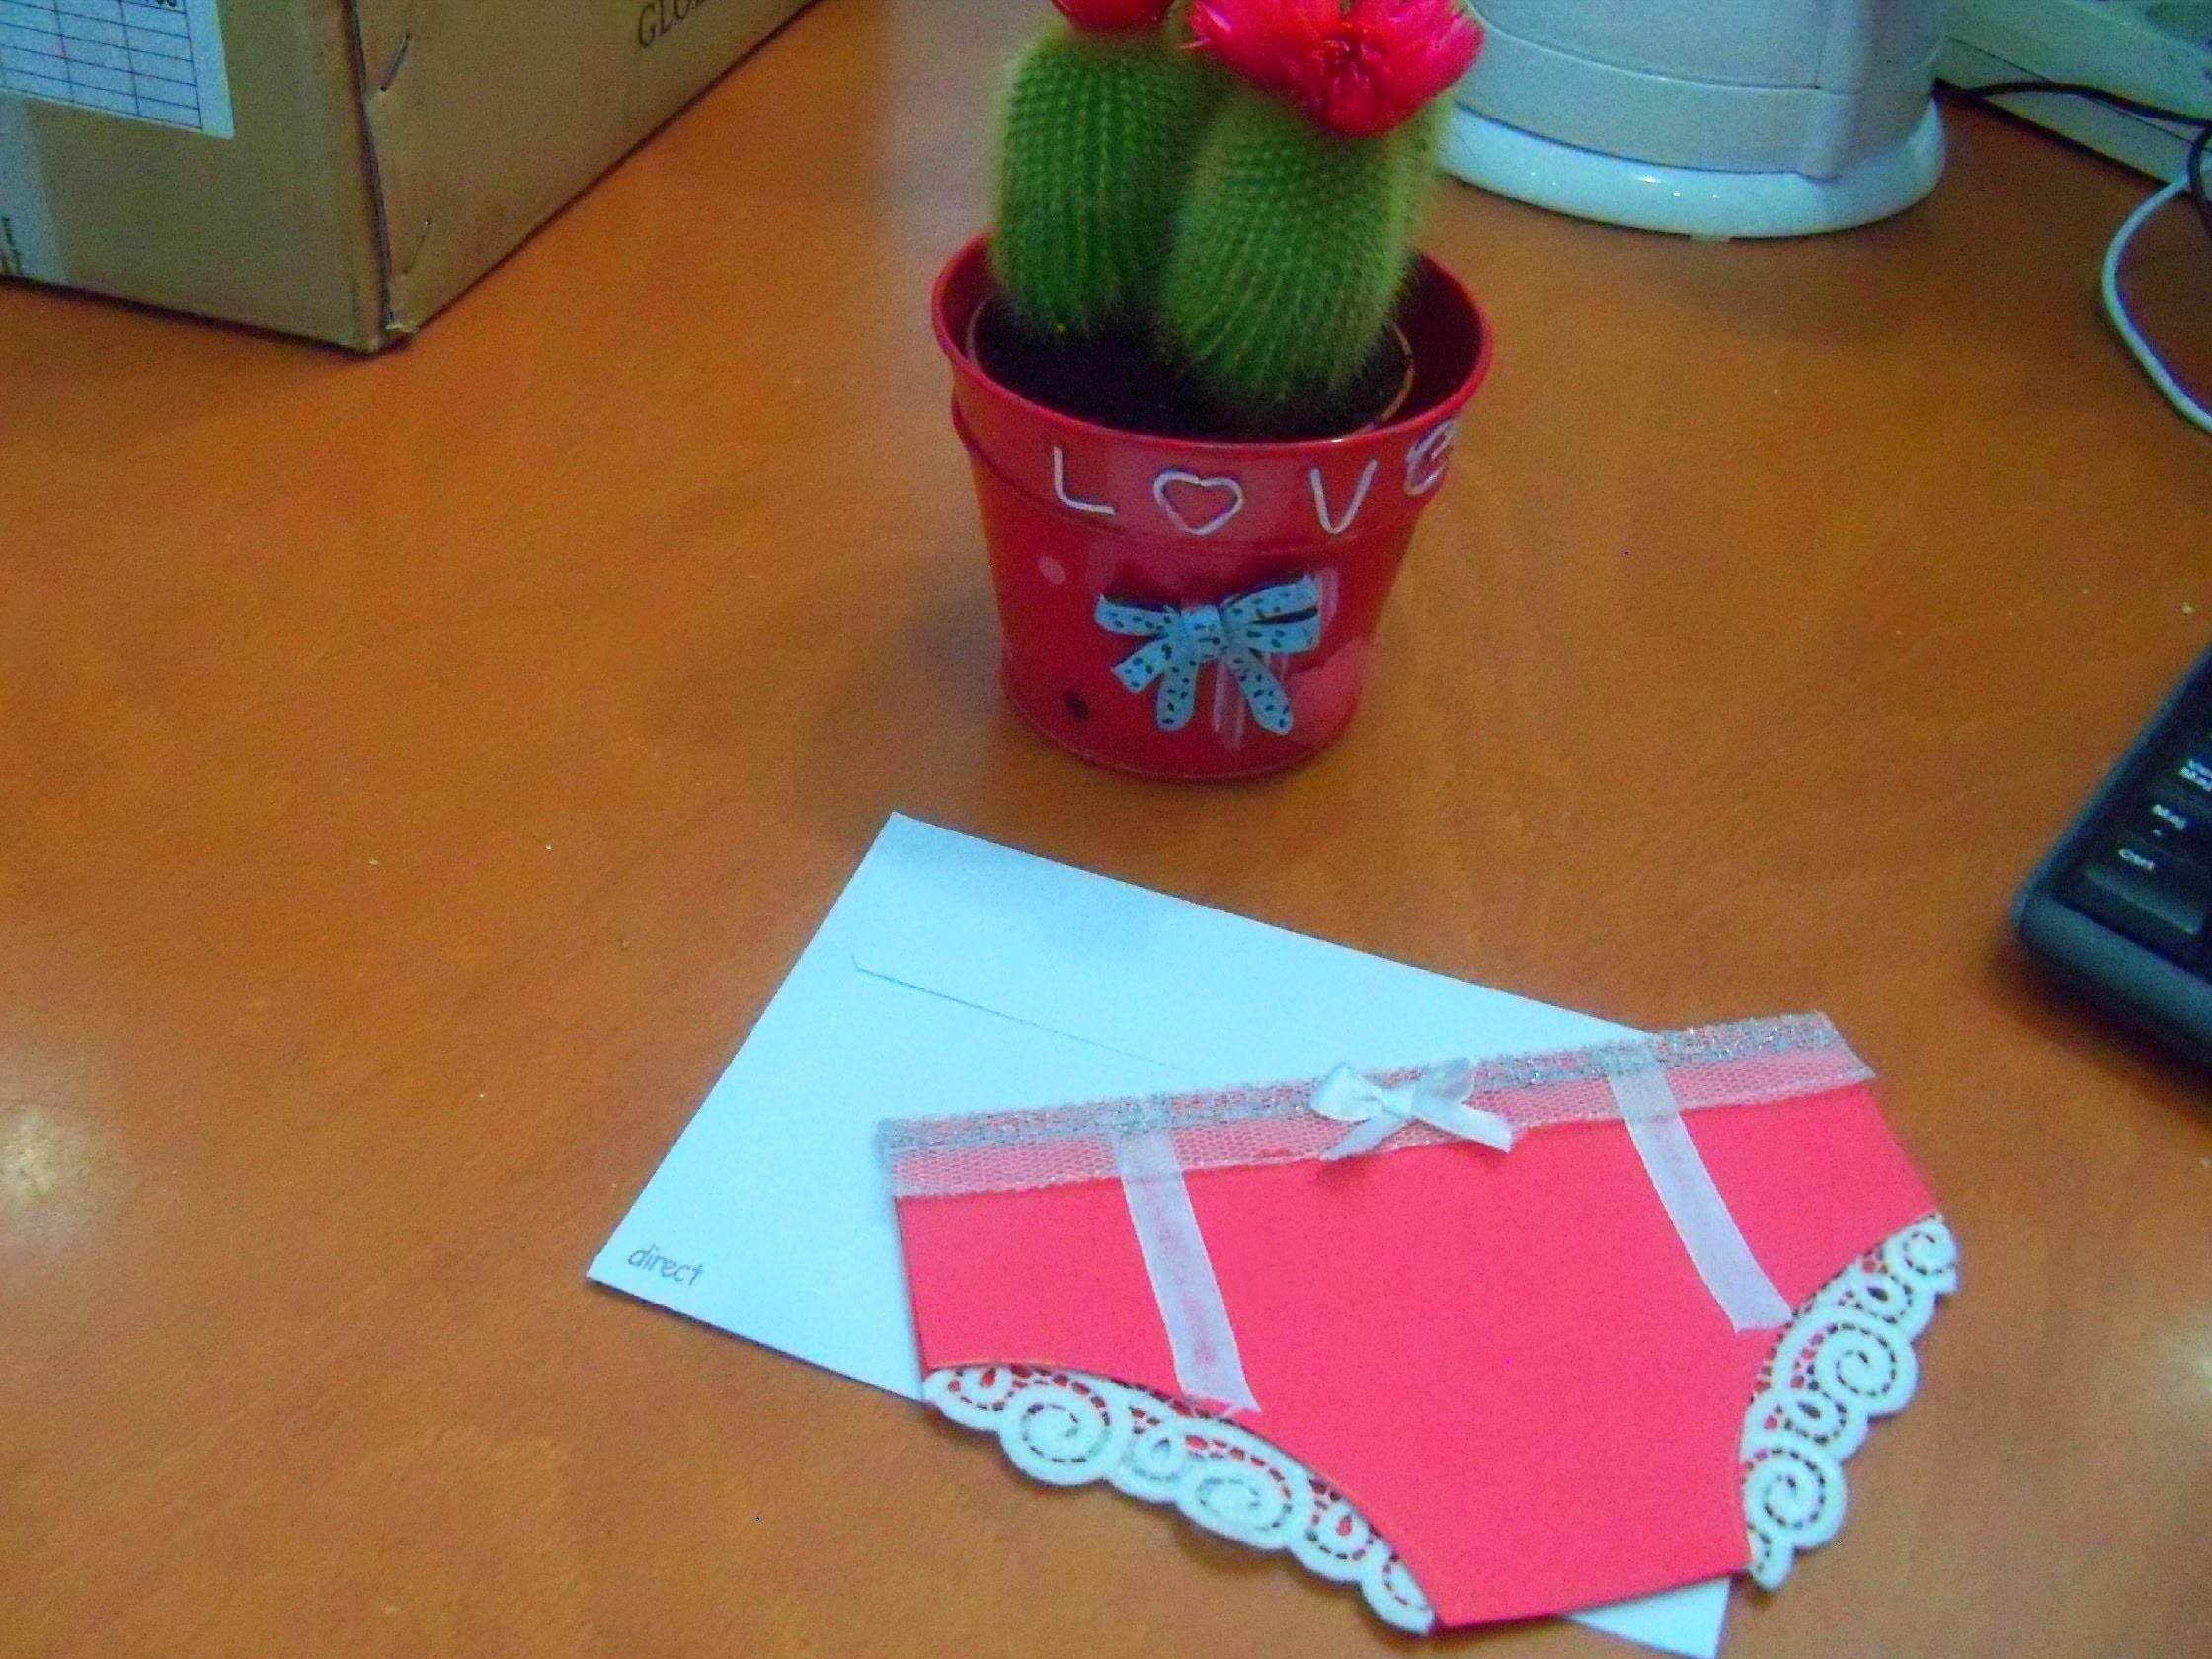 DIY : Fabriquer une carte postale. carte de voeux chez vous c'est facile et économique